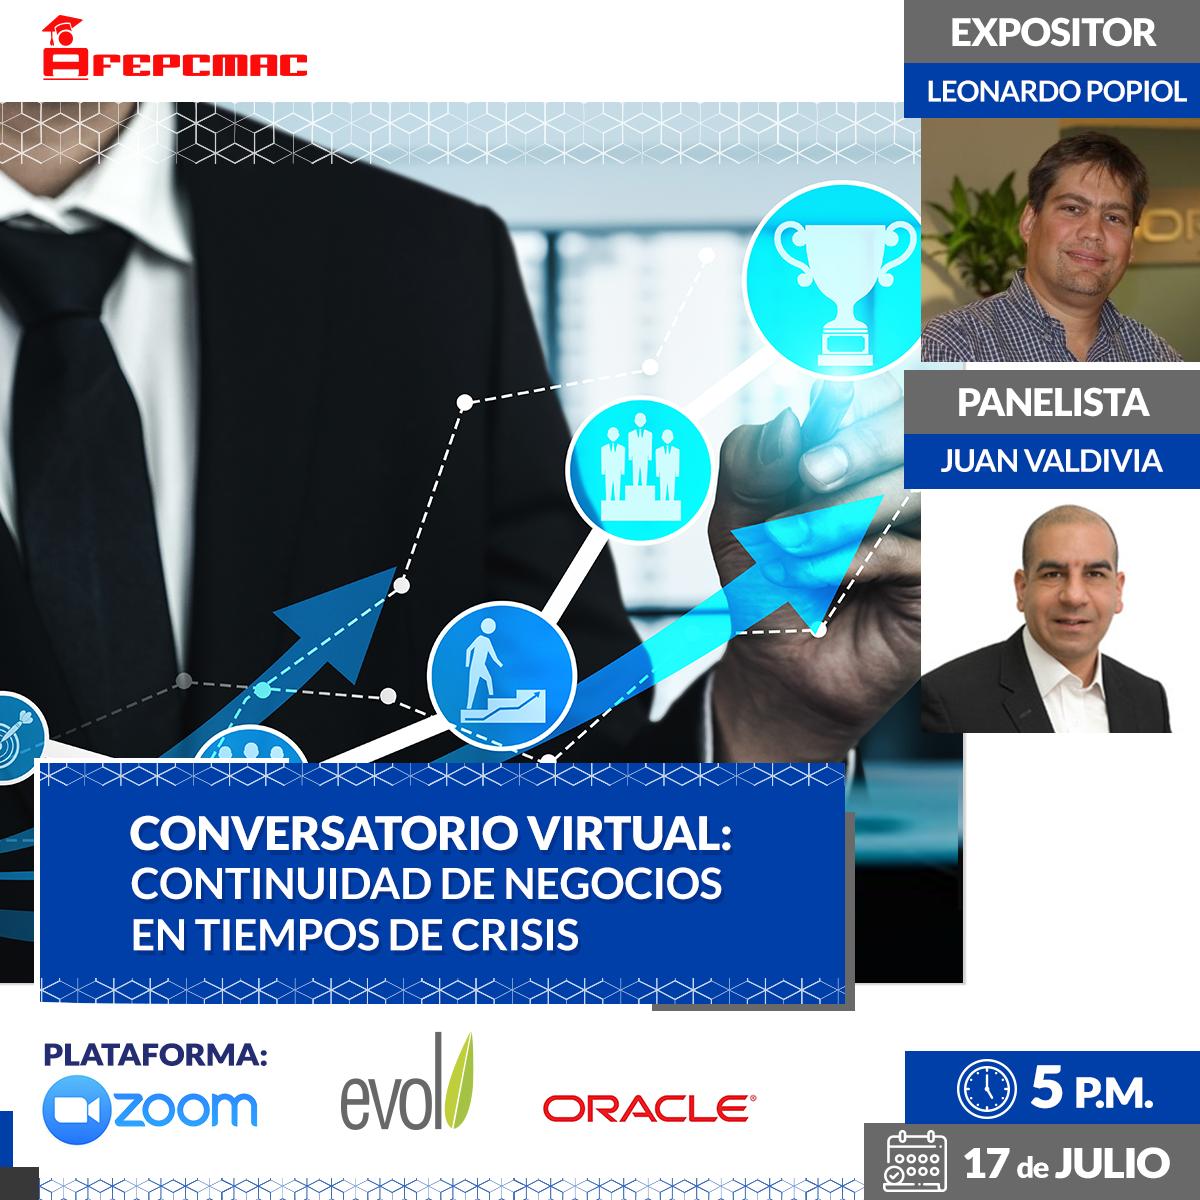 FEPCMAC_conversatorio_virtual_(continuidad_de_negocios...)_FACEBOOK